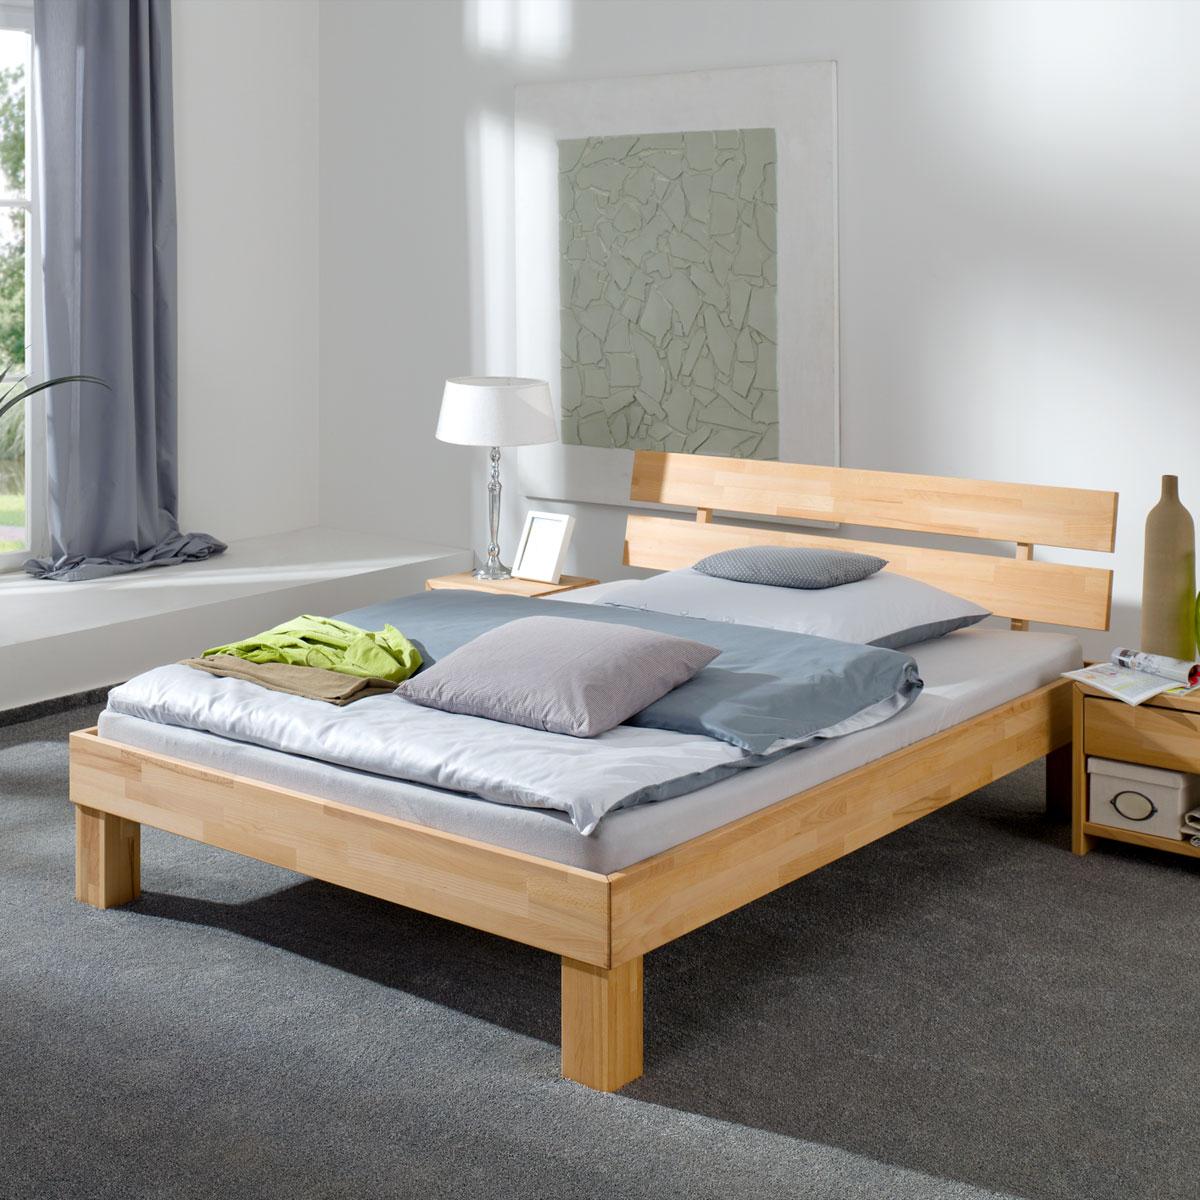 Full Size of Relita Futonbett Julia Buche Gelt 4 Breiten Whlbar Bett 100x200 Betten Weiß Wohnzimmer Futonbett 100x200